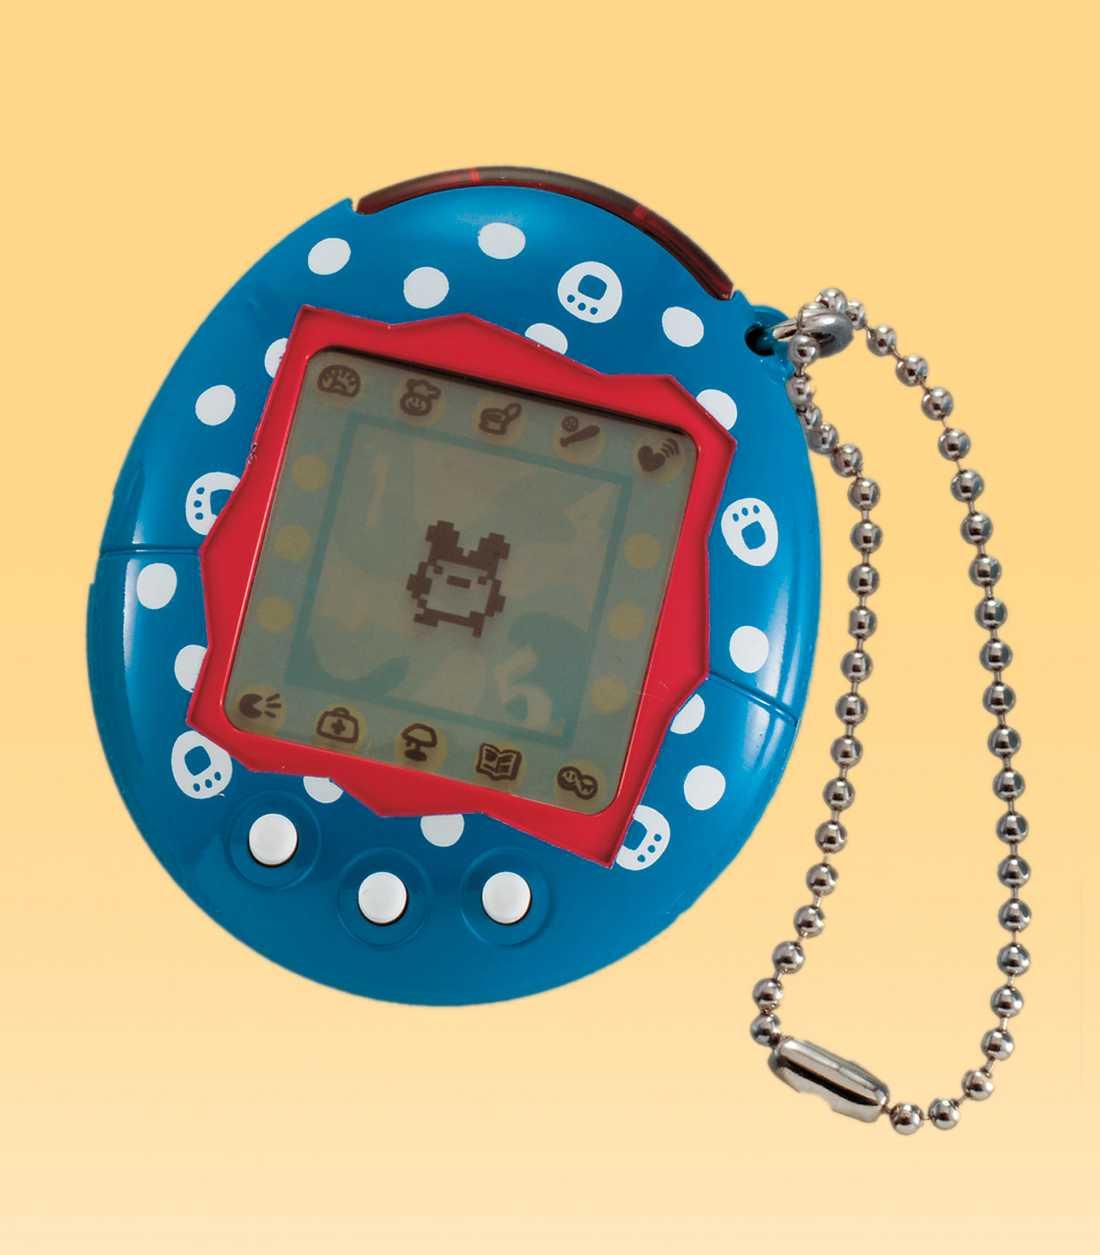 1997 var det elektroniska husdjuret årets julklapp.